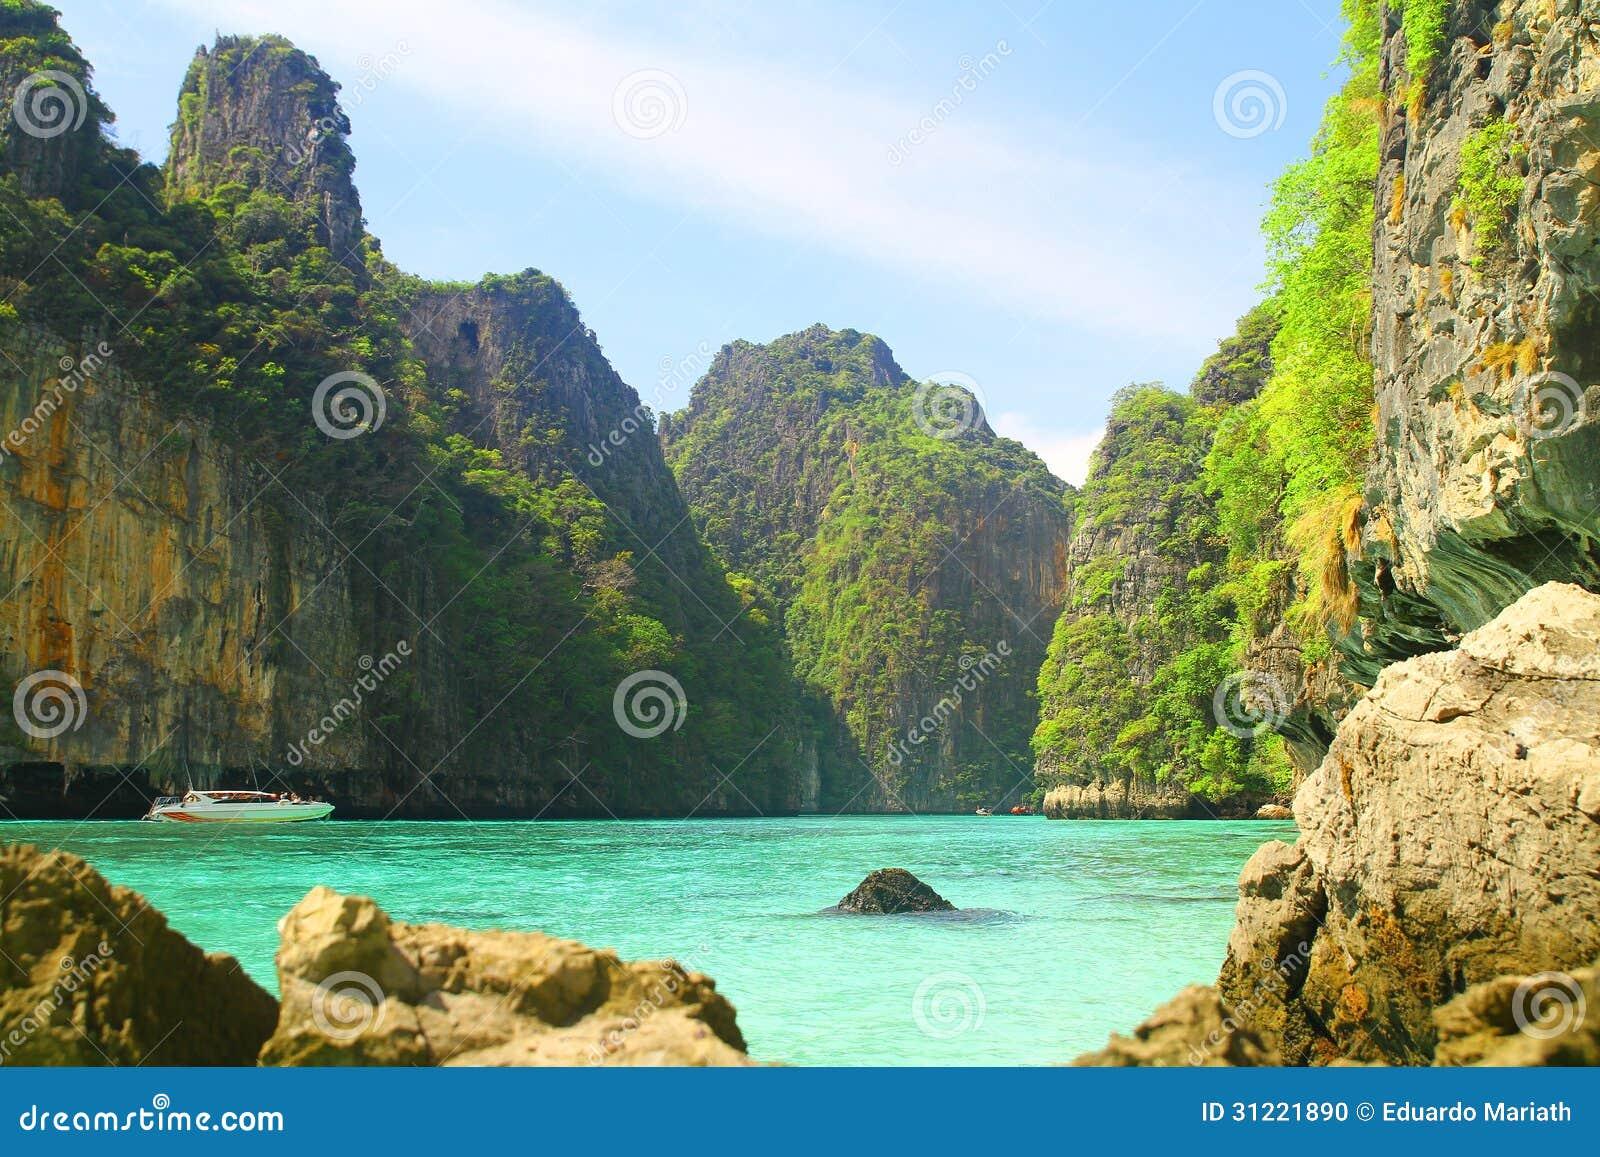 Bahía de Pileh en Koh Phi Phi Le Island - Tailandia